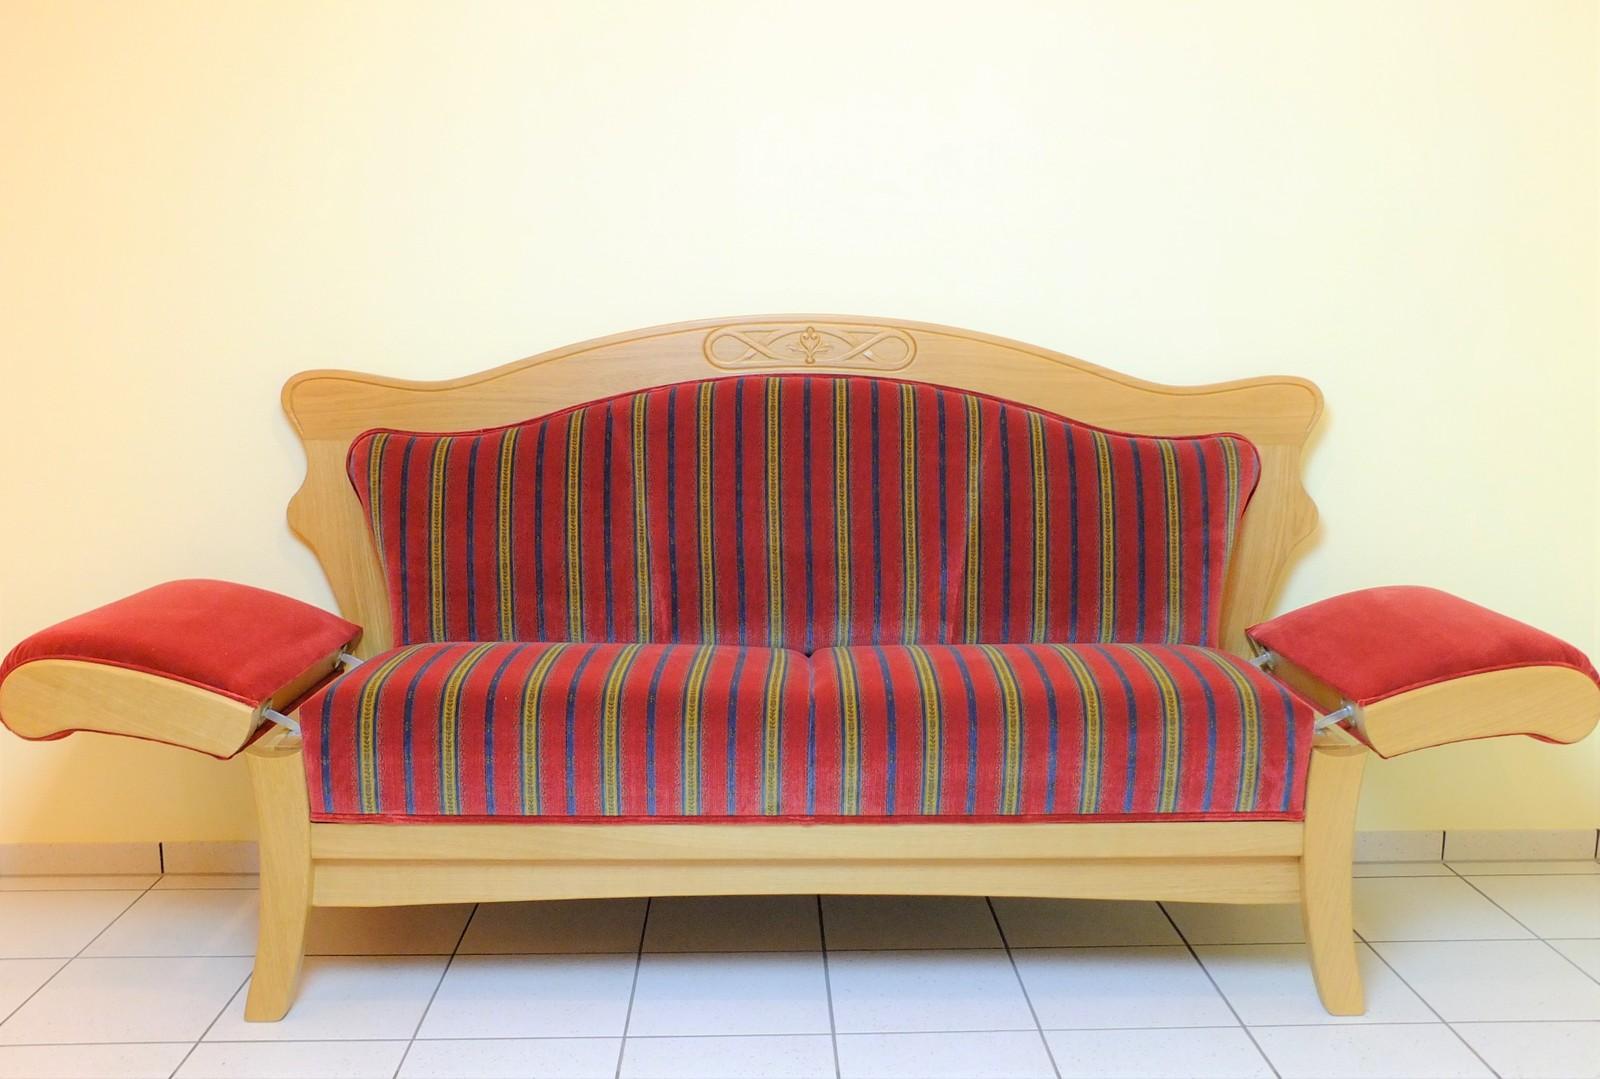 Full Size of Esszimmer Sofa Ikea Couch Leder Landhausstil Vintage 3 Sitzer Grau 2 Mit Schlaffunktion Bezug Ecksofa Kunstleder 2er Hay Mags Big Hocker Minotti Schlafsofa Sofa Esszimmer Sofa